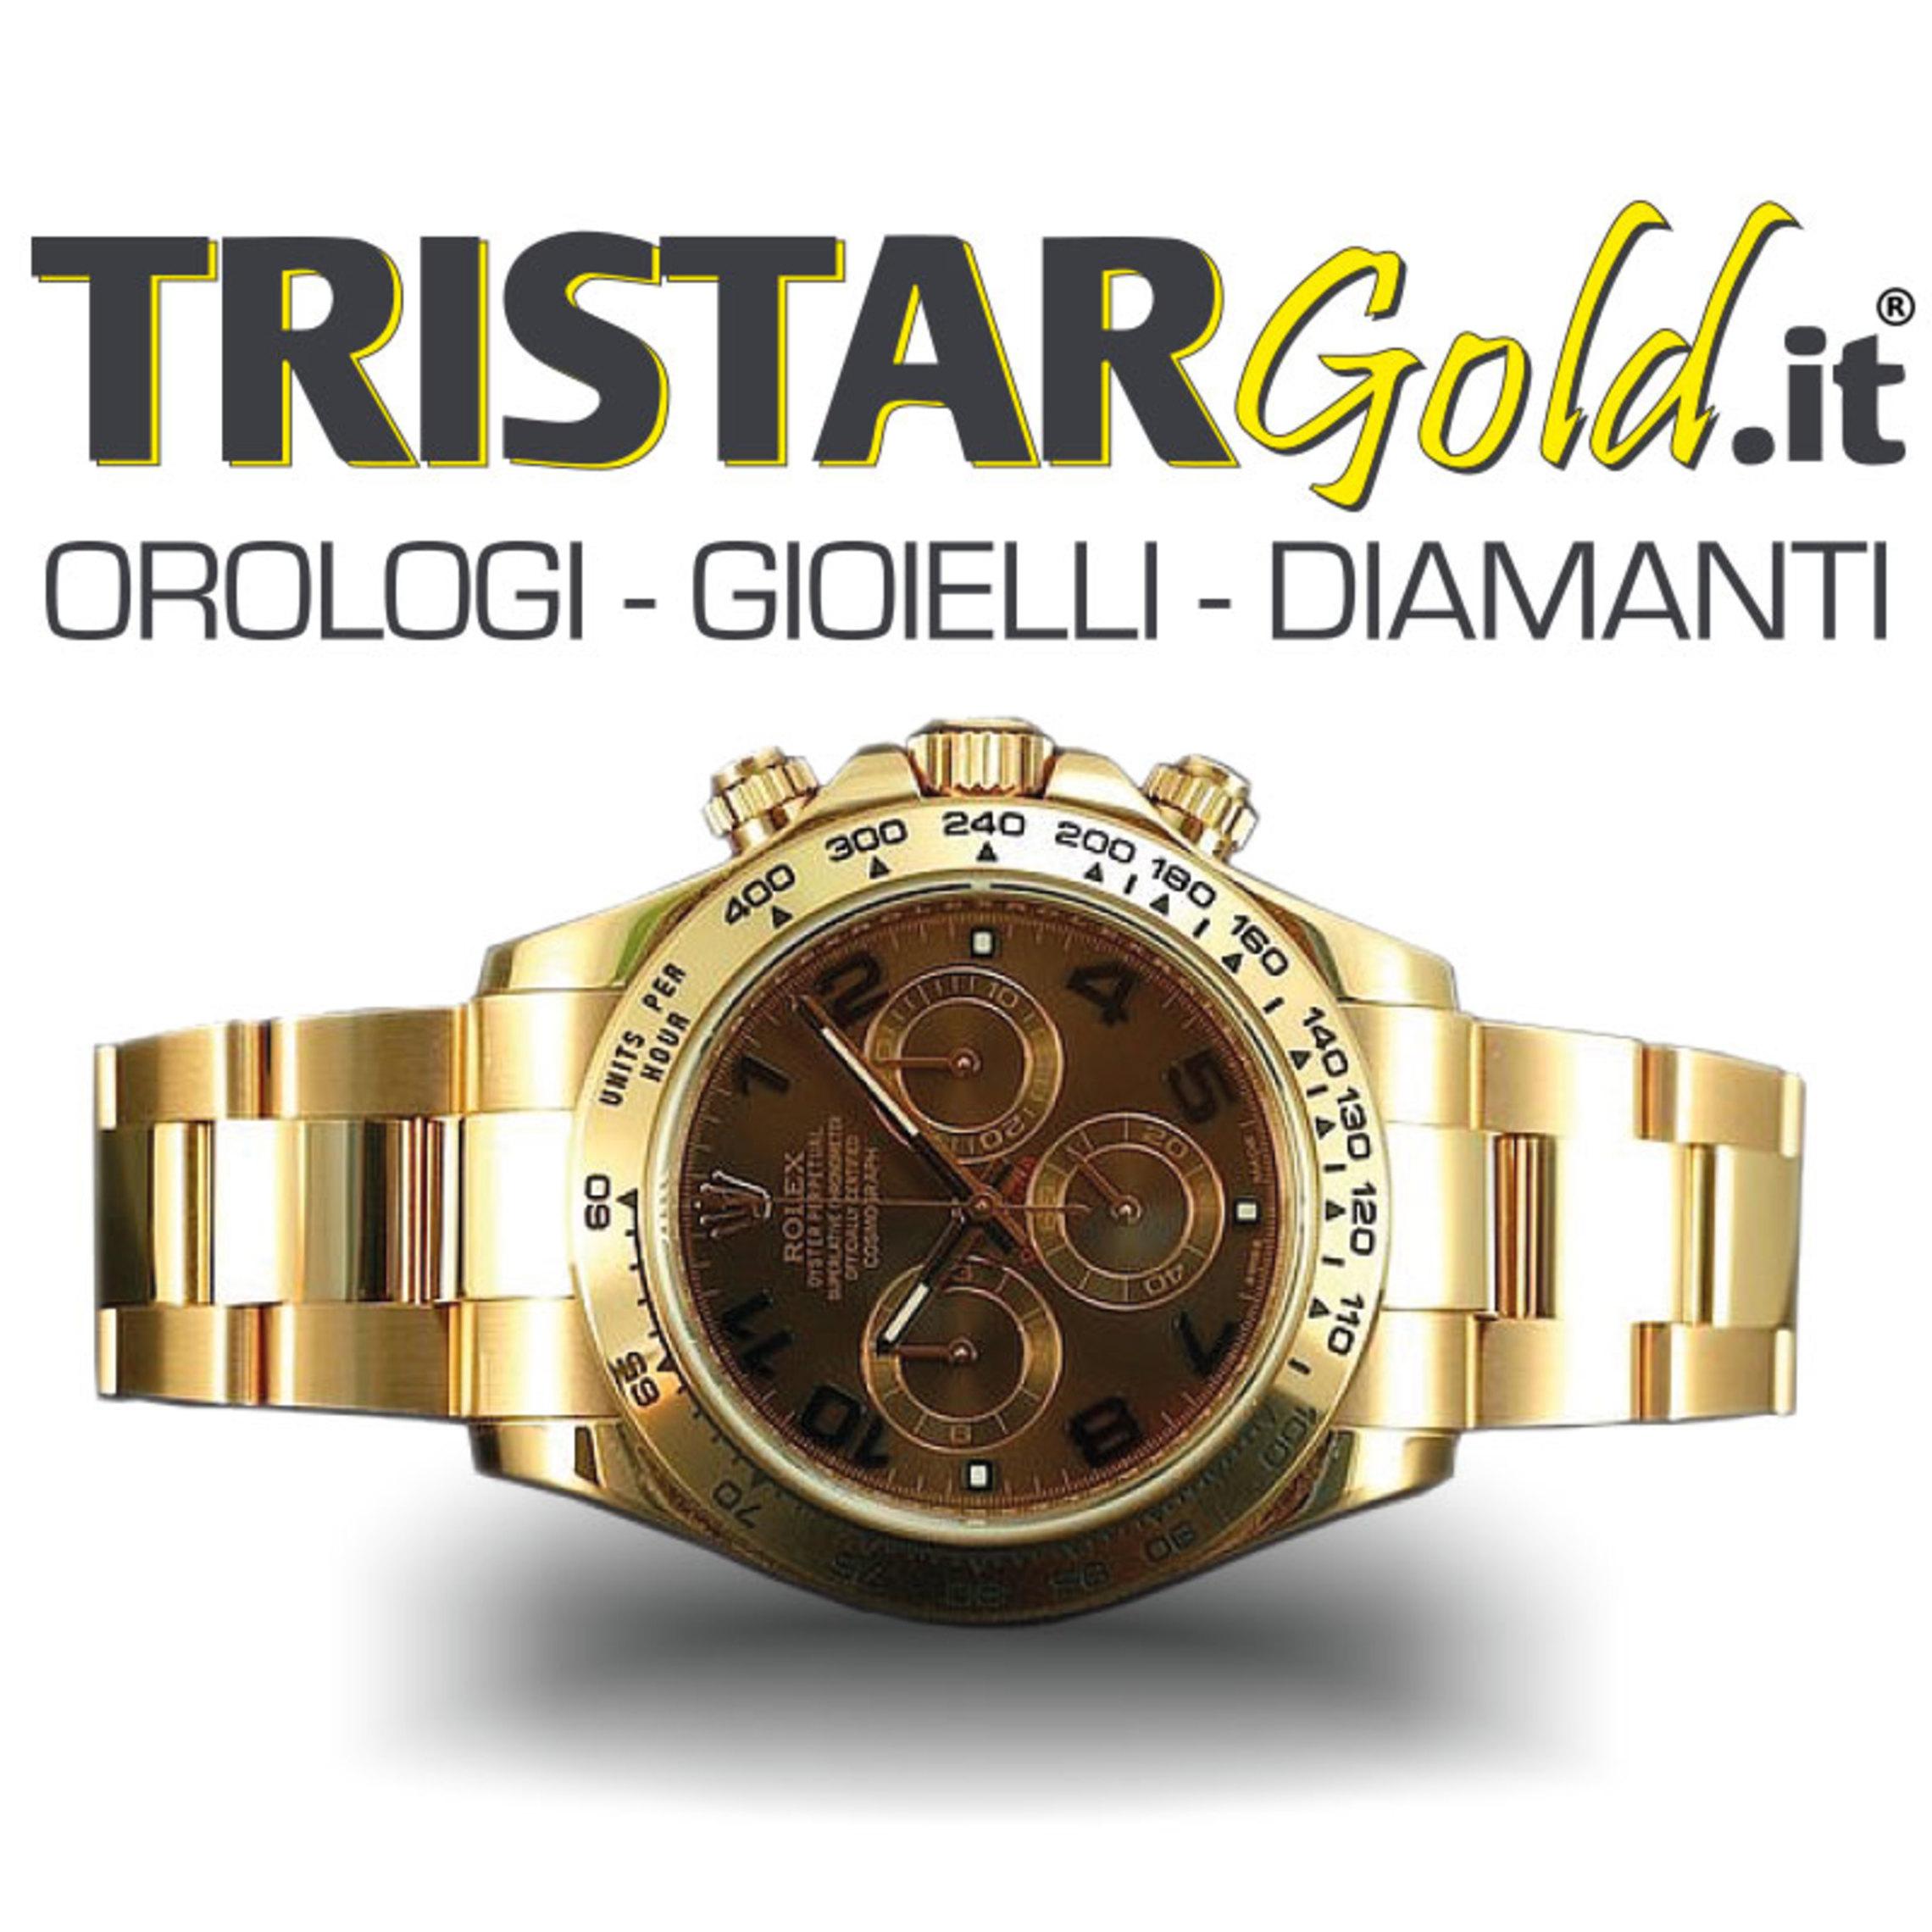 tristargold gioielli- company logo